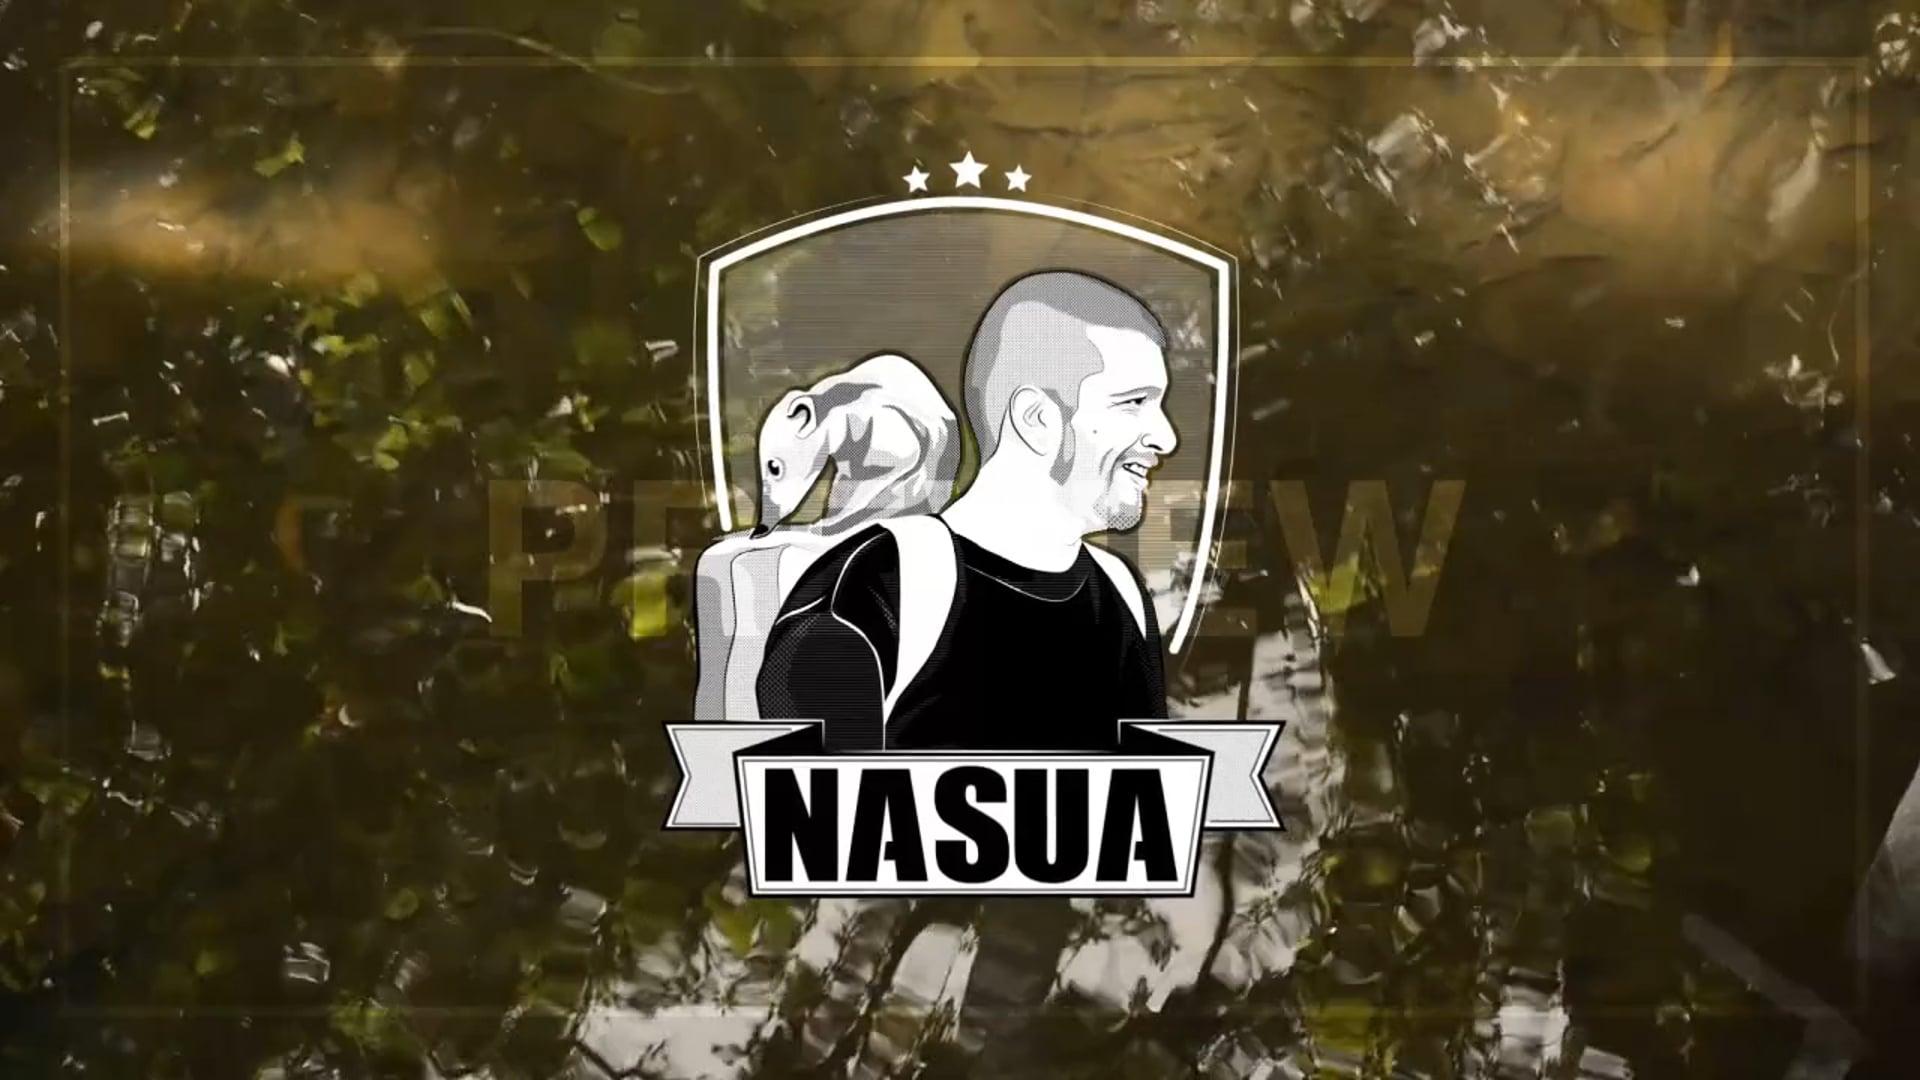 Nasua-Shortfilm